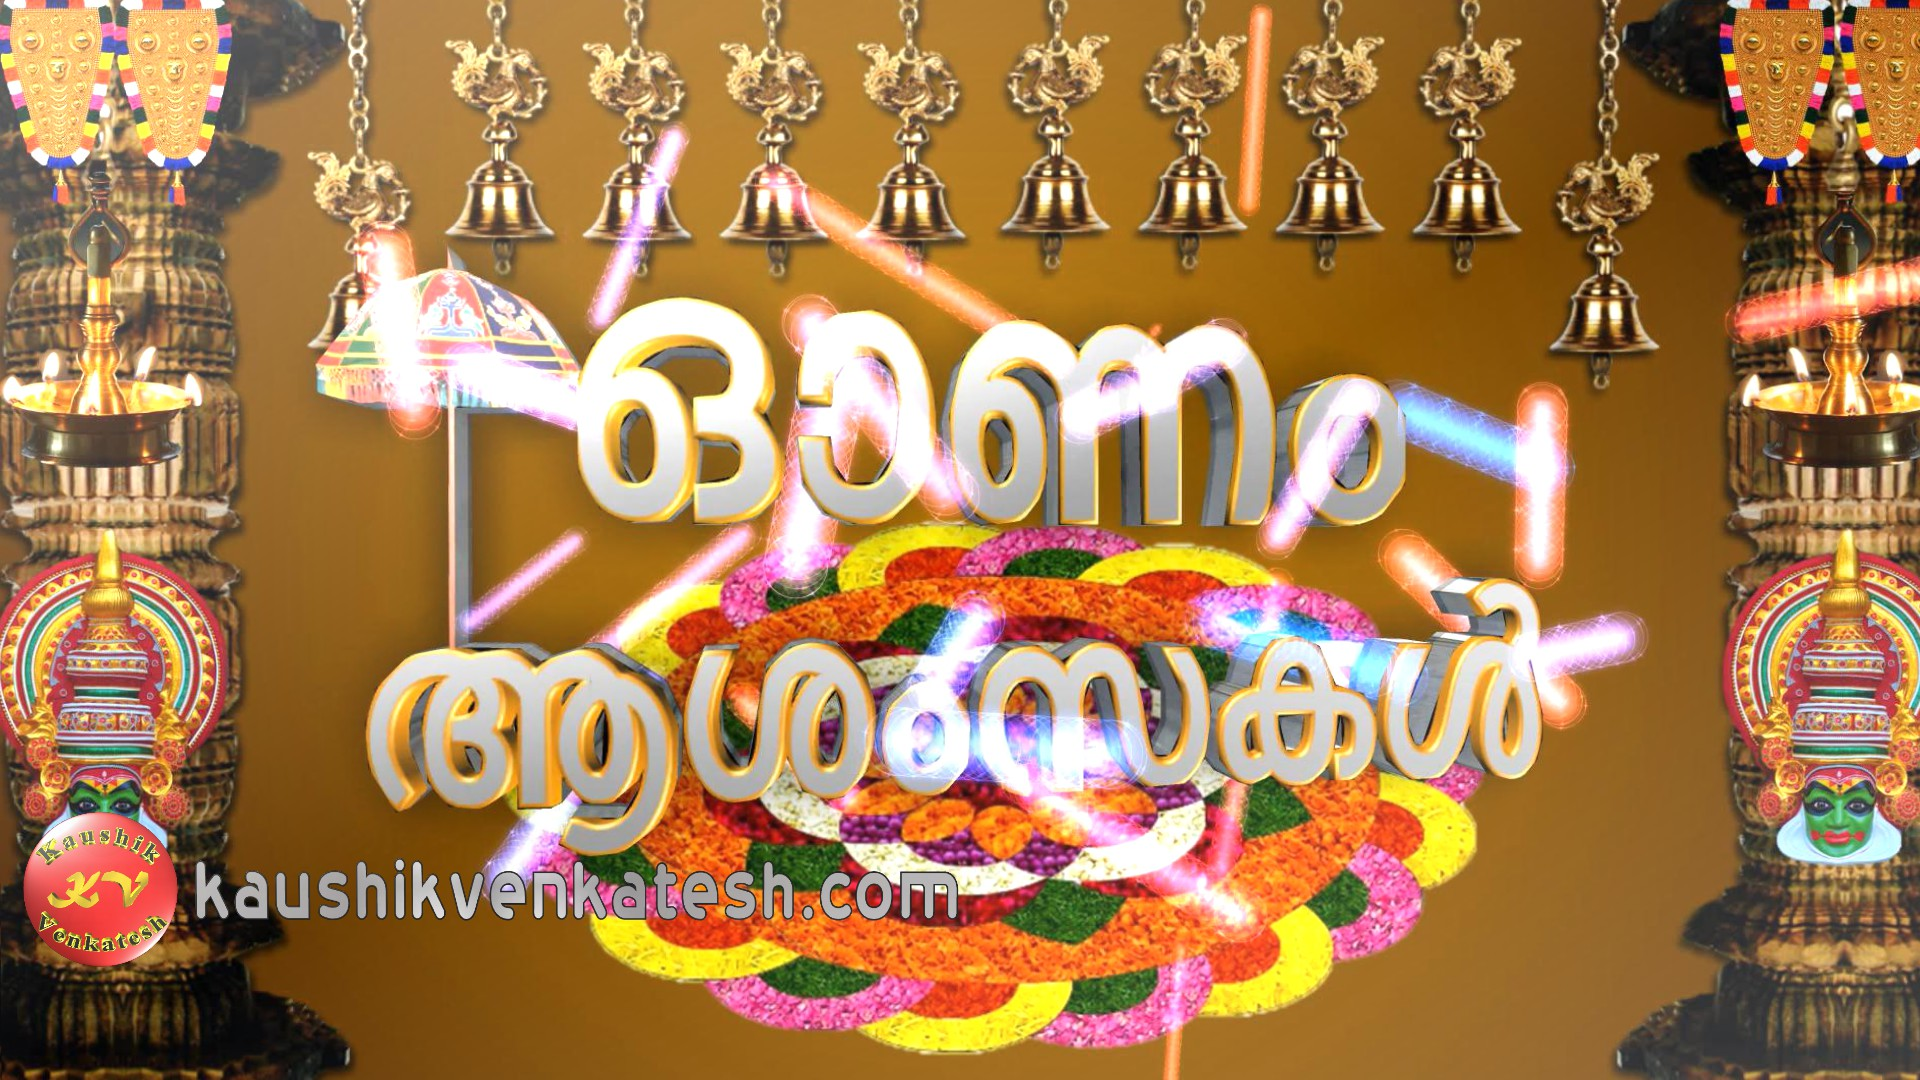 Image of Happy Onam Wishes in Malayalam